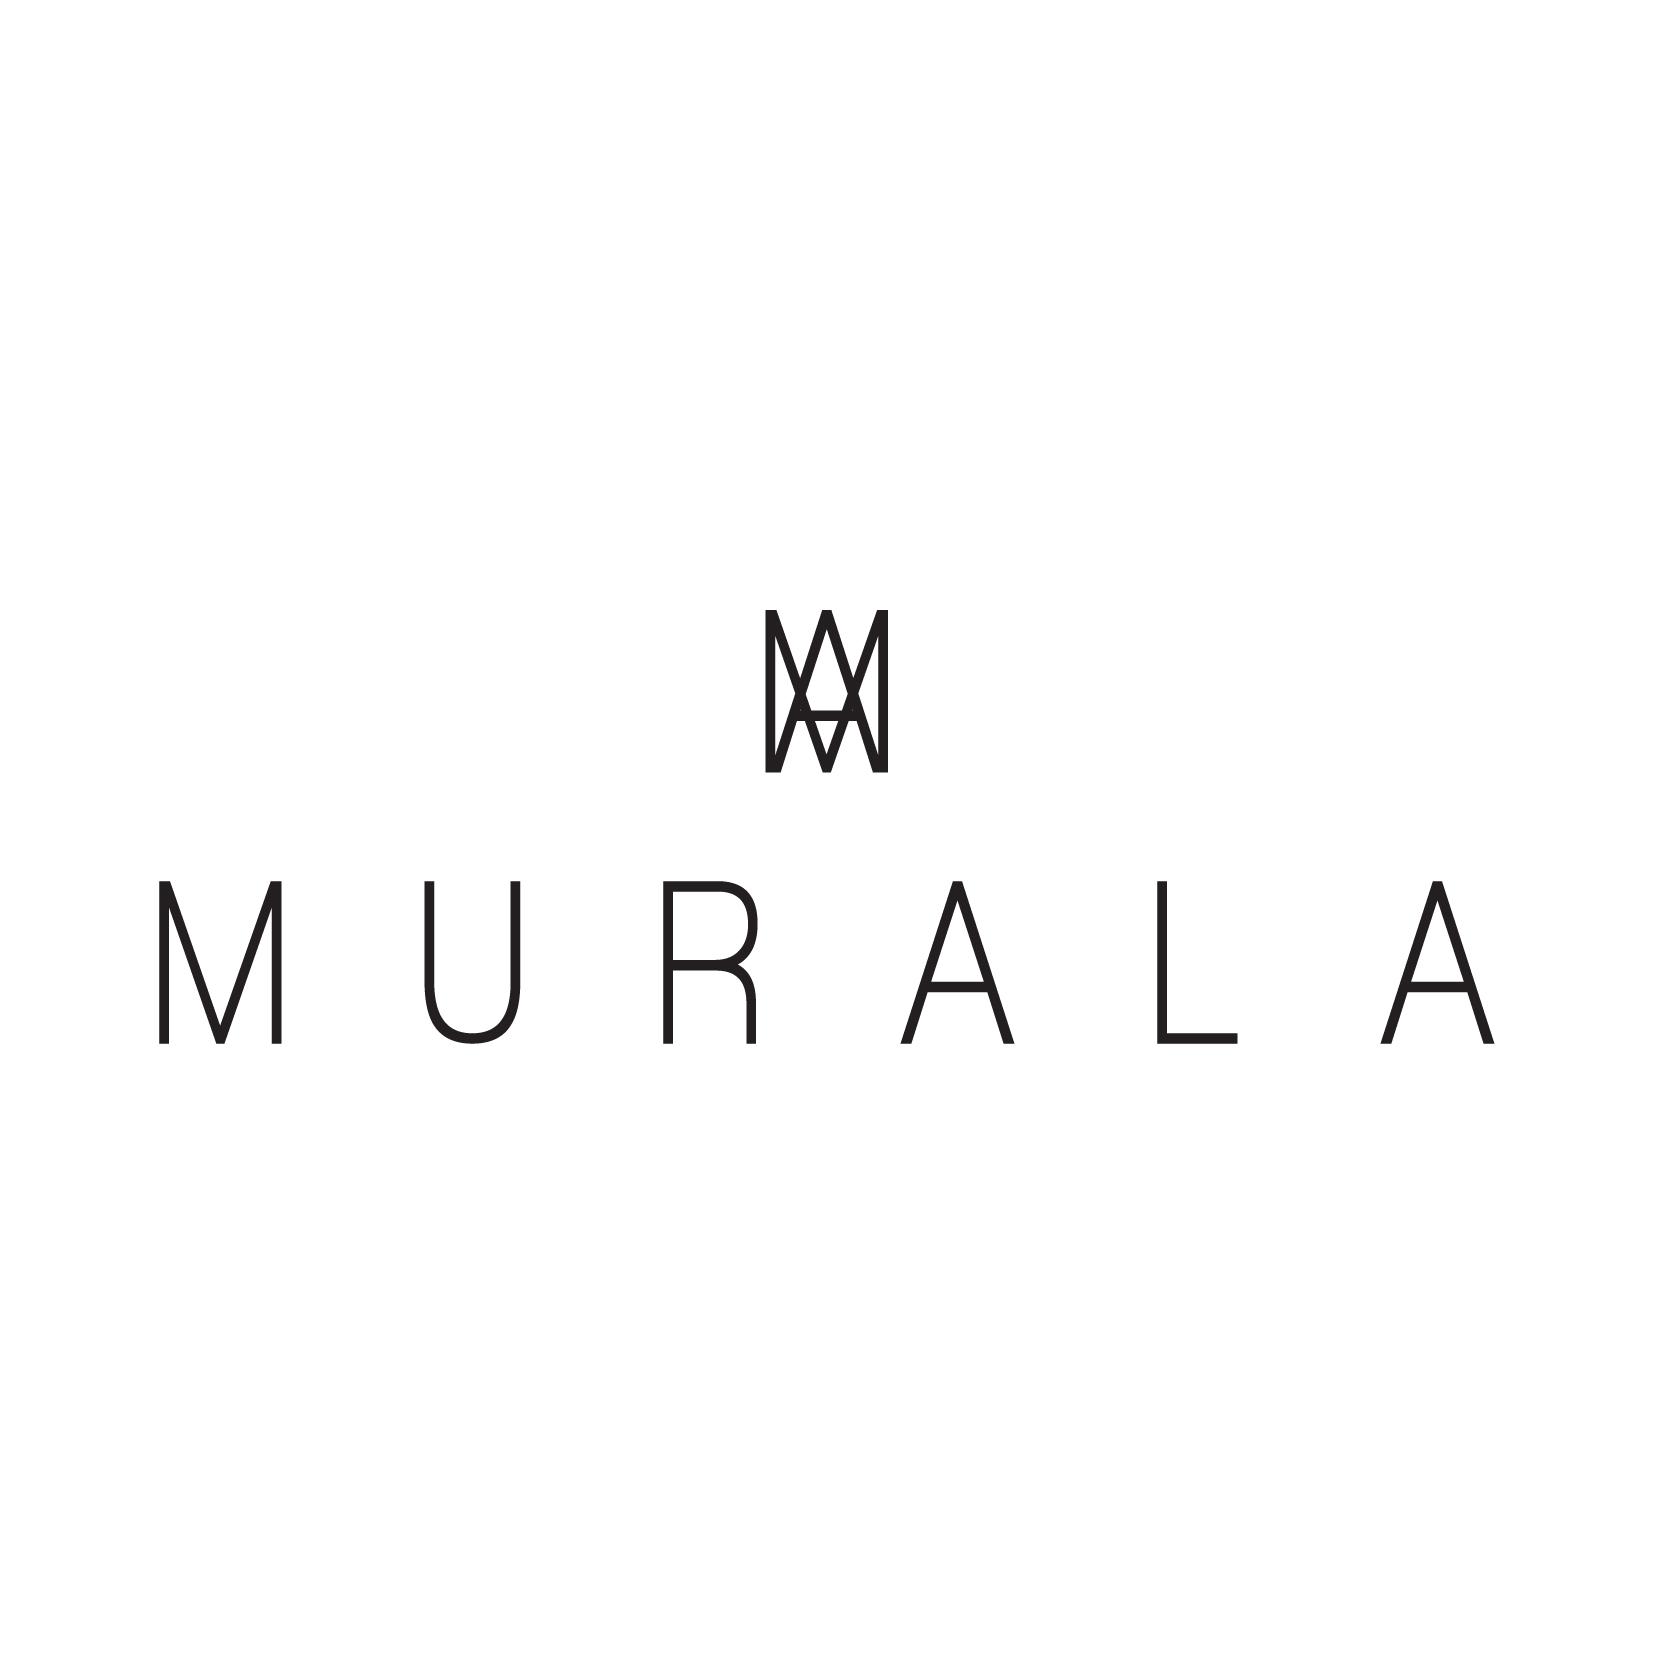 MURALA-logo_RGB300.jpg